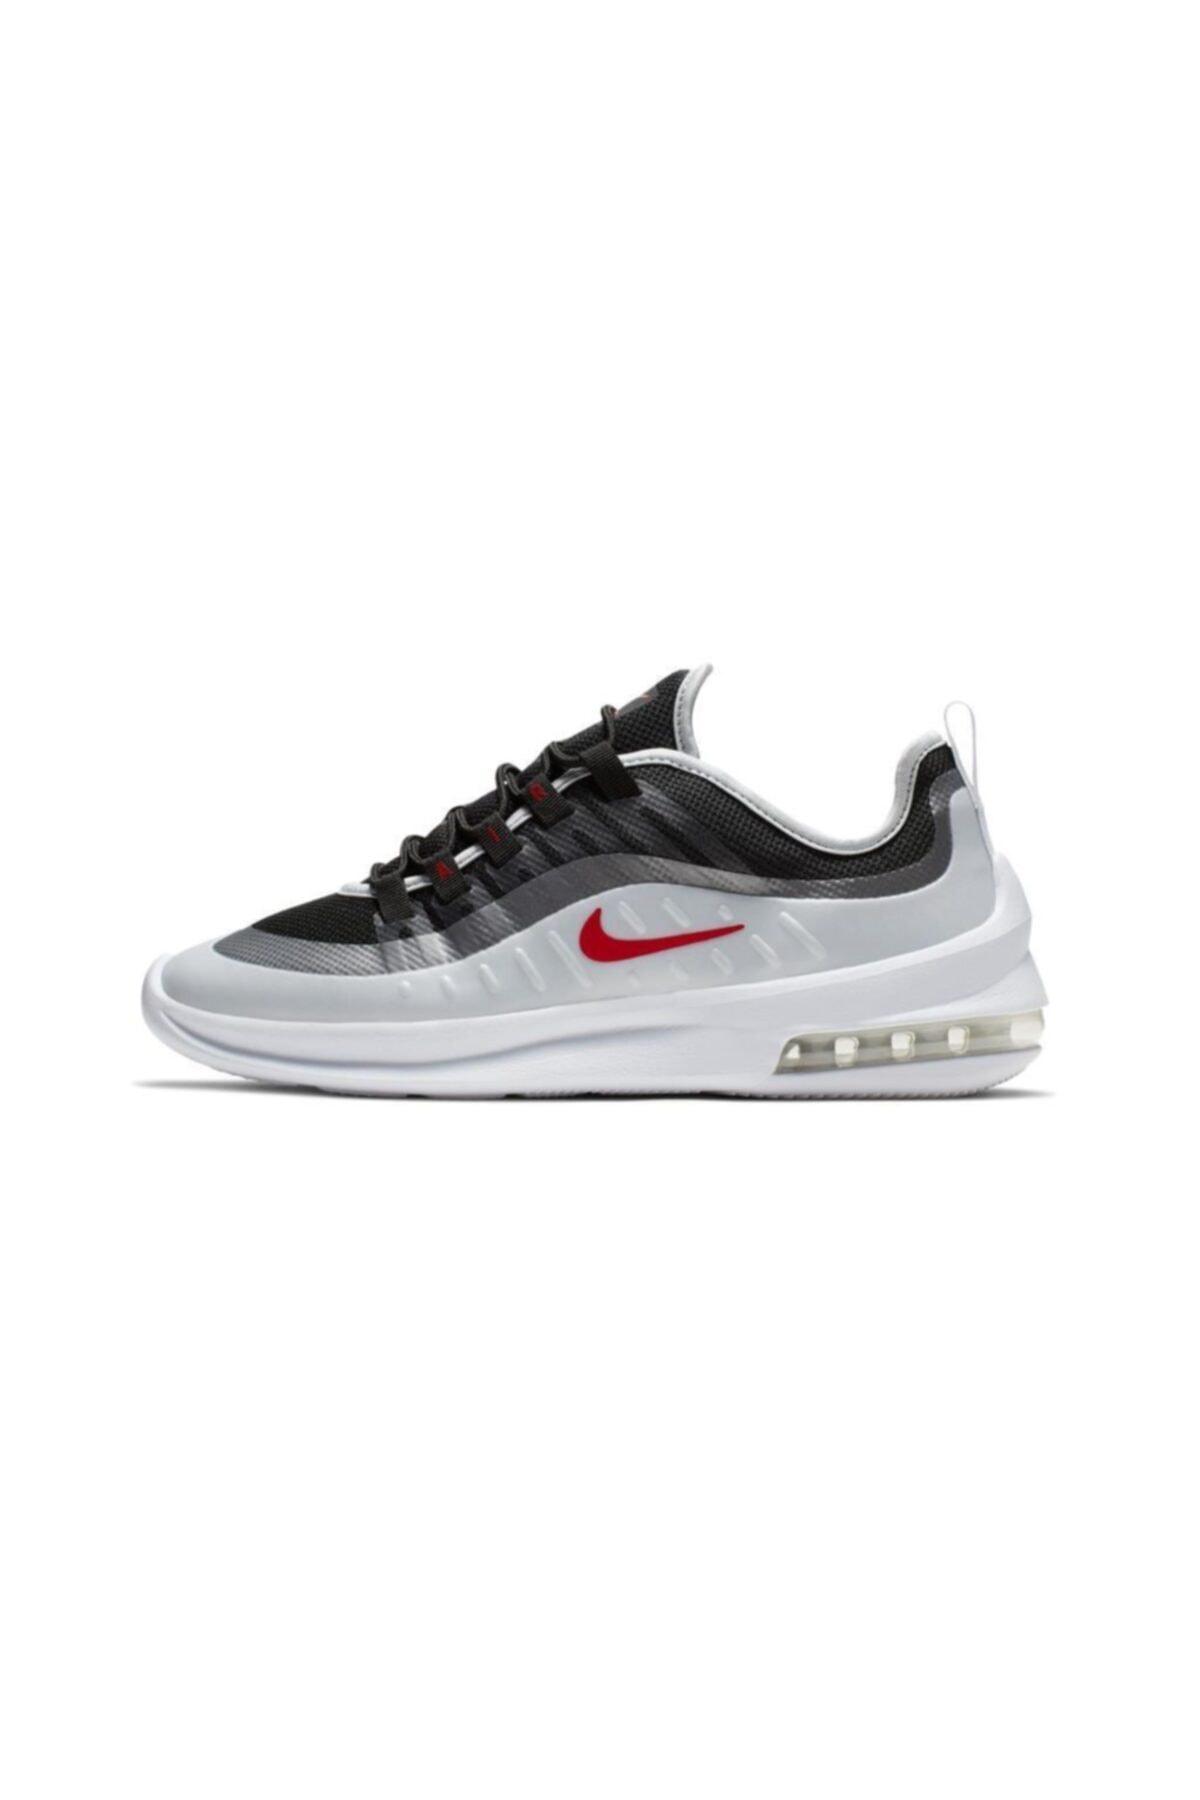 Nike Air Max Axis Erkek Spor Ayakkabı Aa2146-009 2